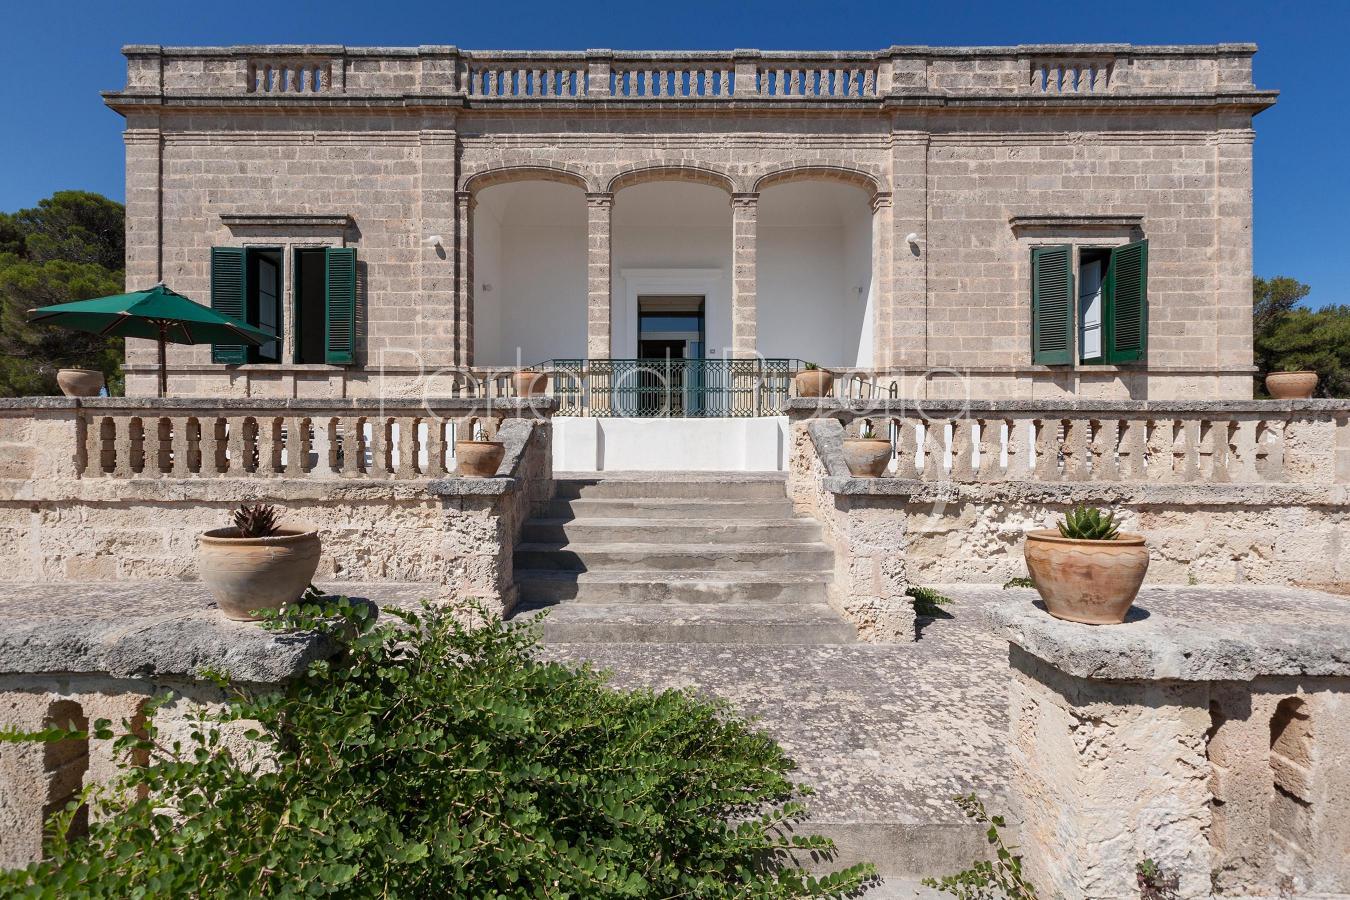 ville e casali - Santa Maria di Leuca ( Leuca ) - Villa Leone Maggio